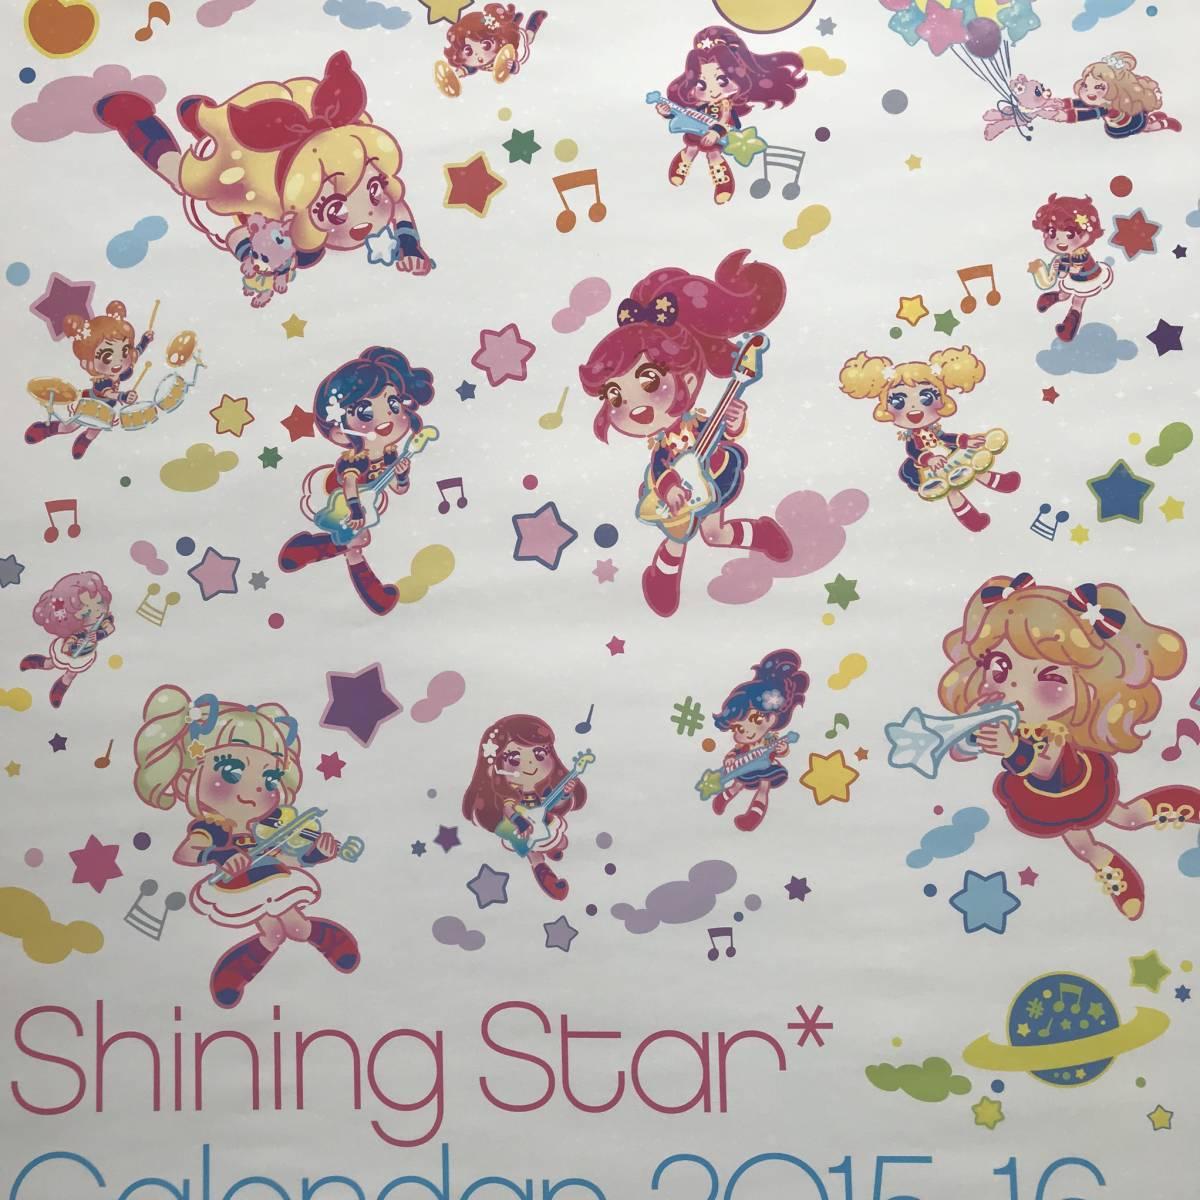 アイカツ! B2 ポスター 2ndシーズンベストアルバム Shining Star 購入特典 アイカツオンパレード